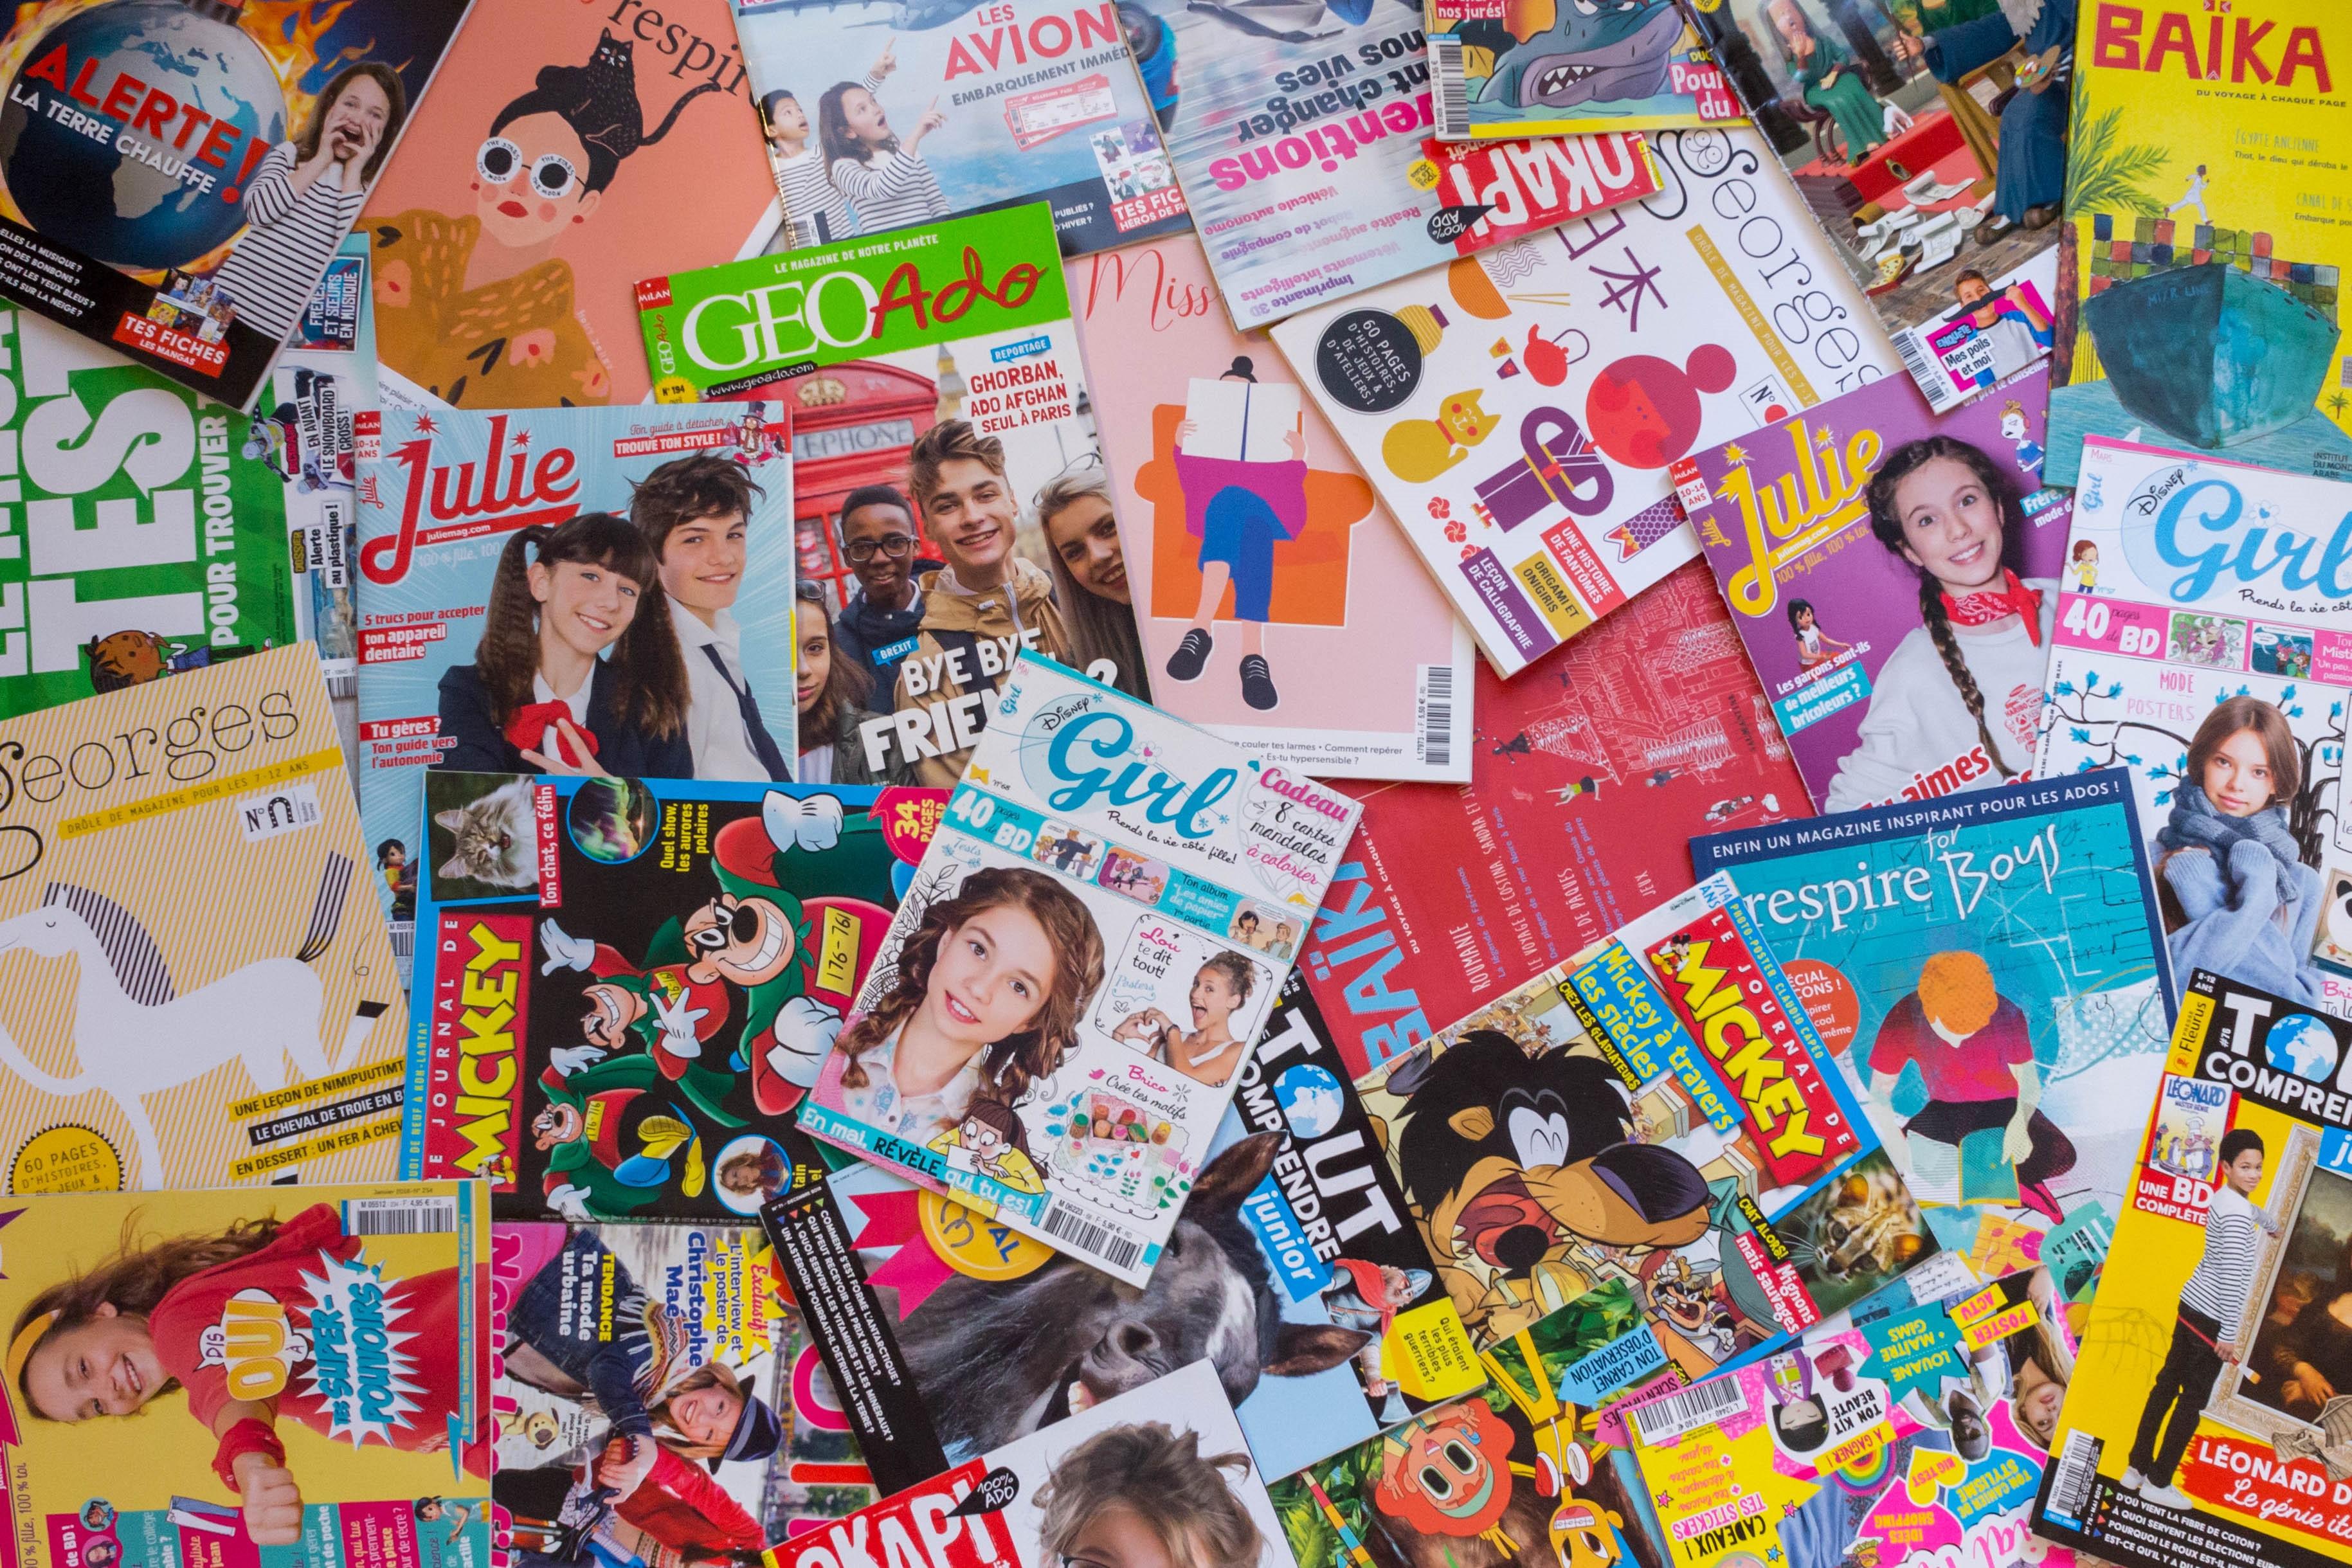 La presse jeunesse en 2019. Quelles représentations la presse jeunesse contemporaine  a-t-elle des filles et des garçons ?